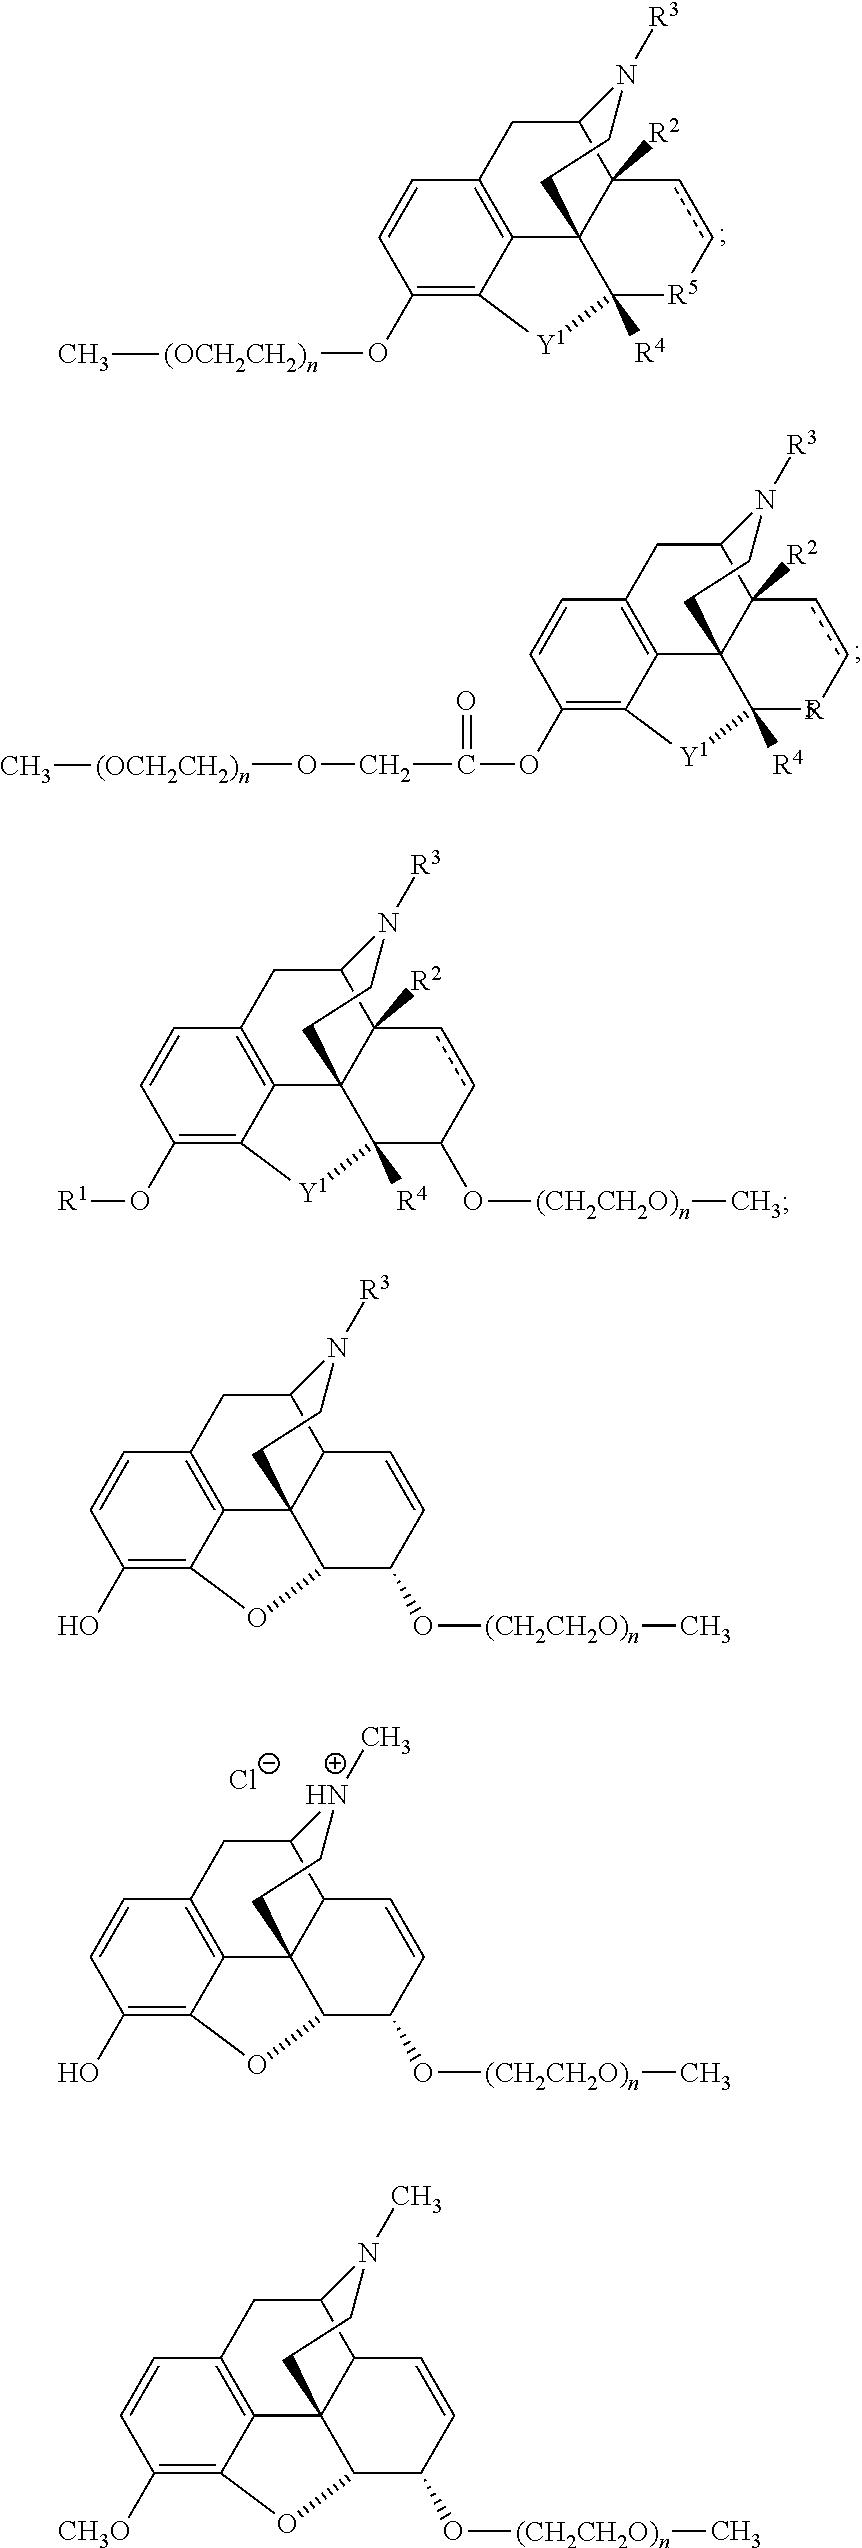 Figure US09233168-20160112-C00012